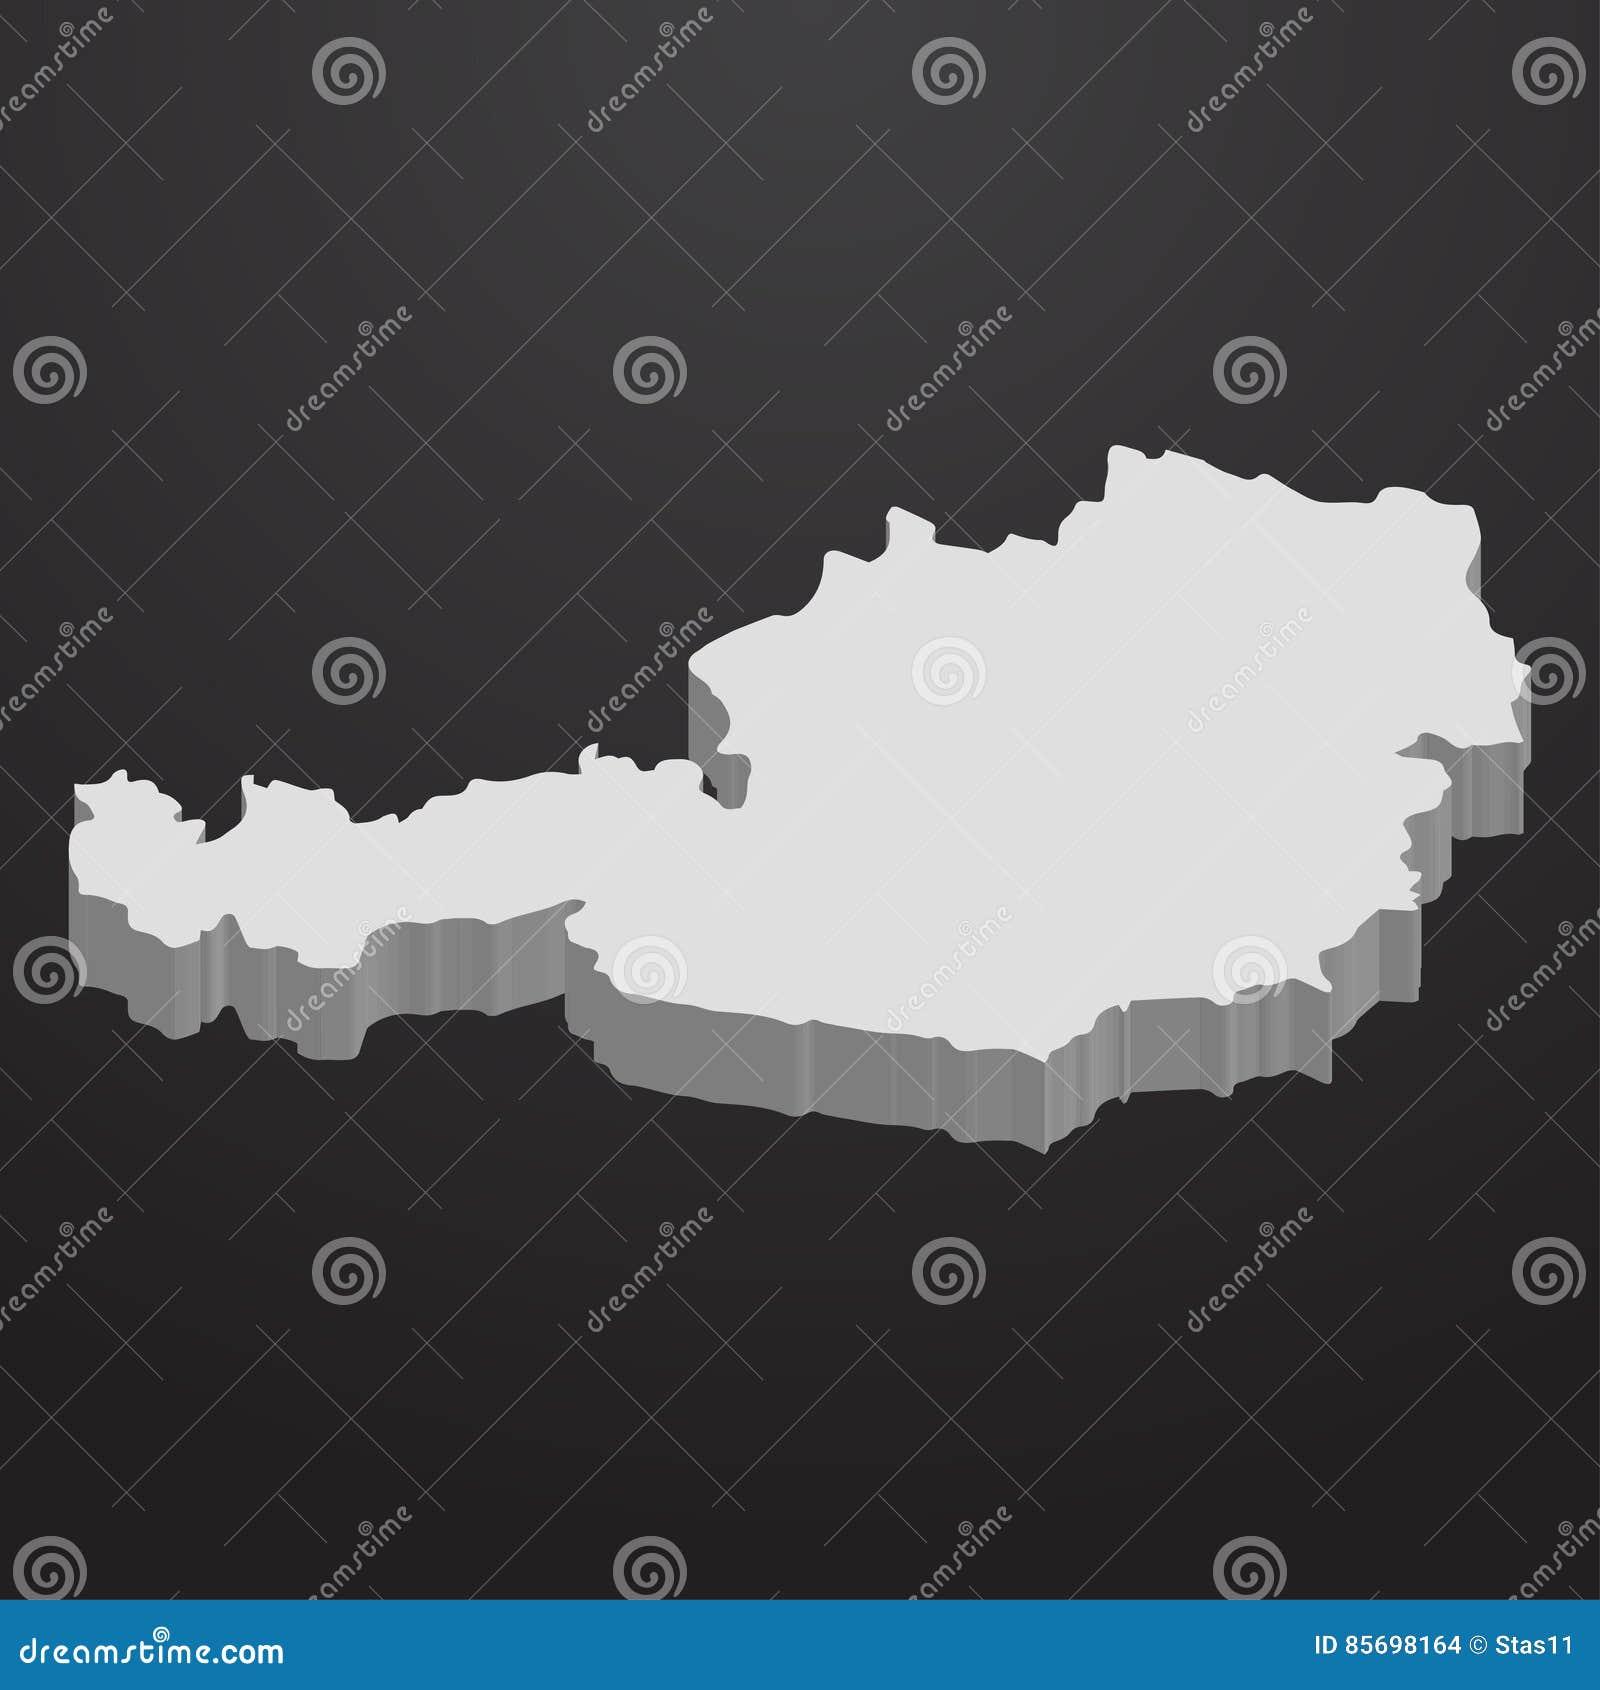 3d Karte Osterreich.Osterreich Karte Im Grau Auf Einem Schwarzen Hintergrund 3d